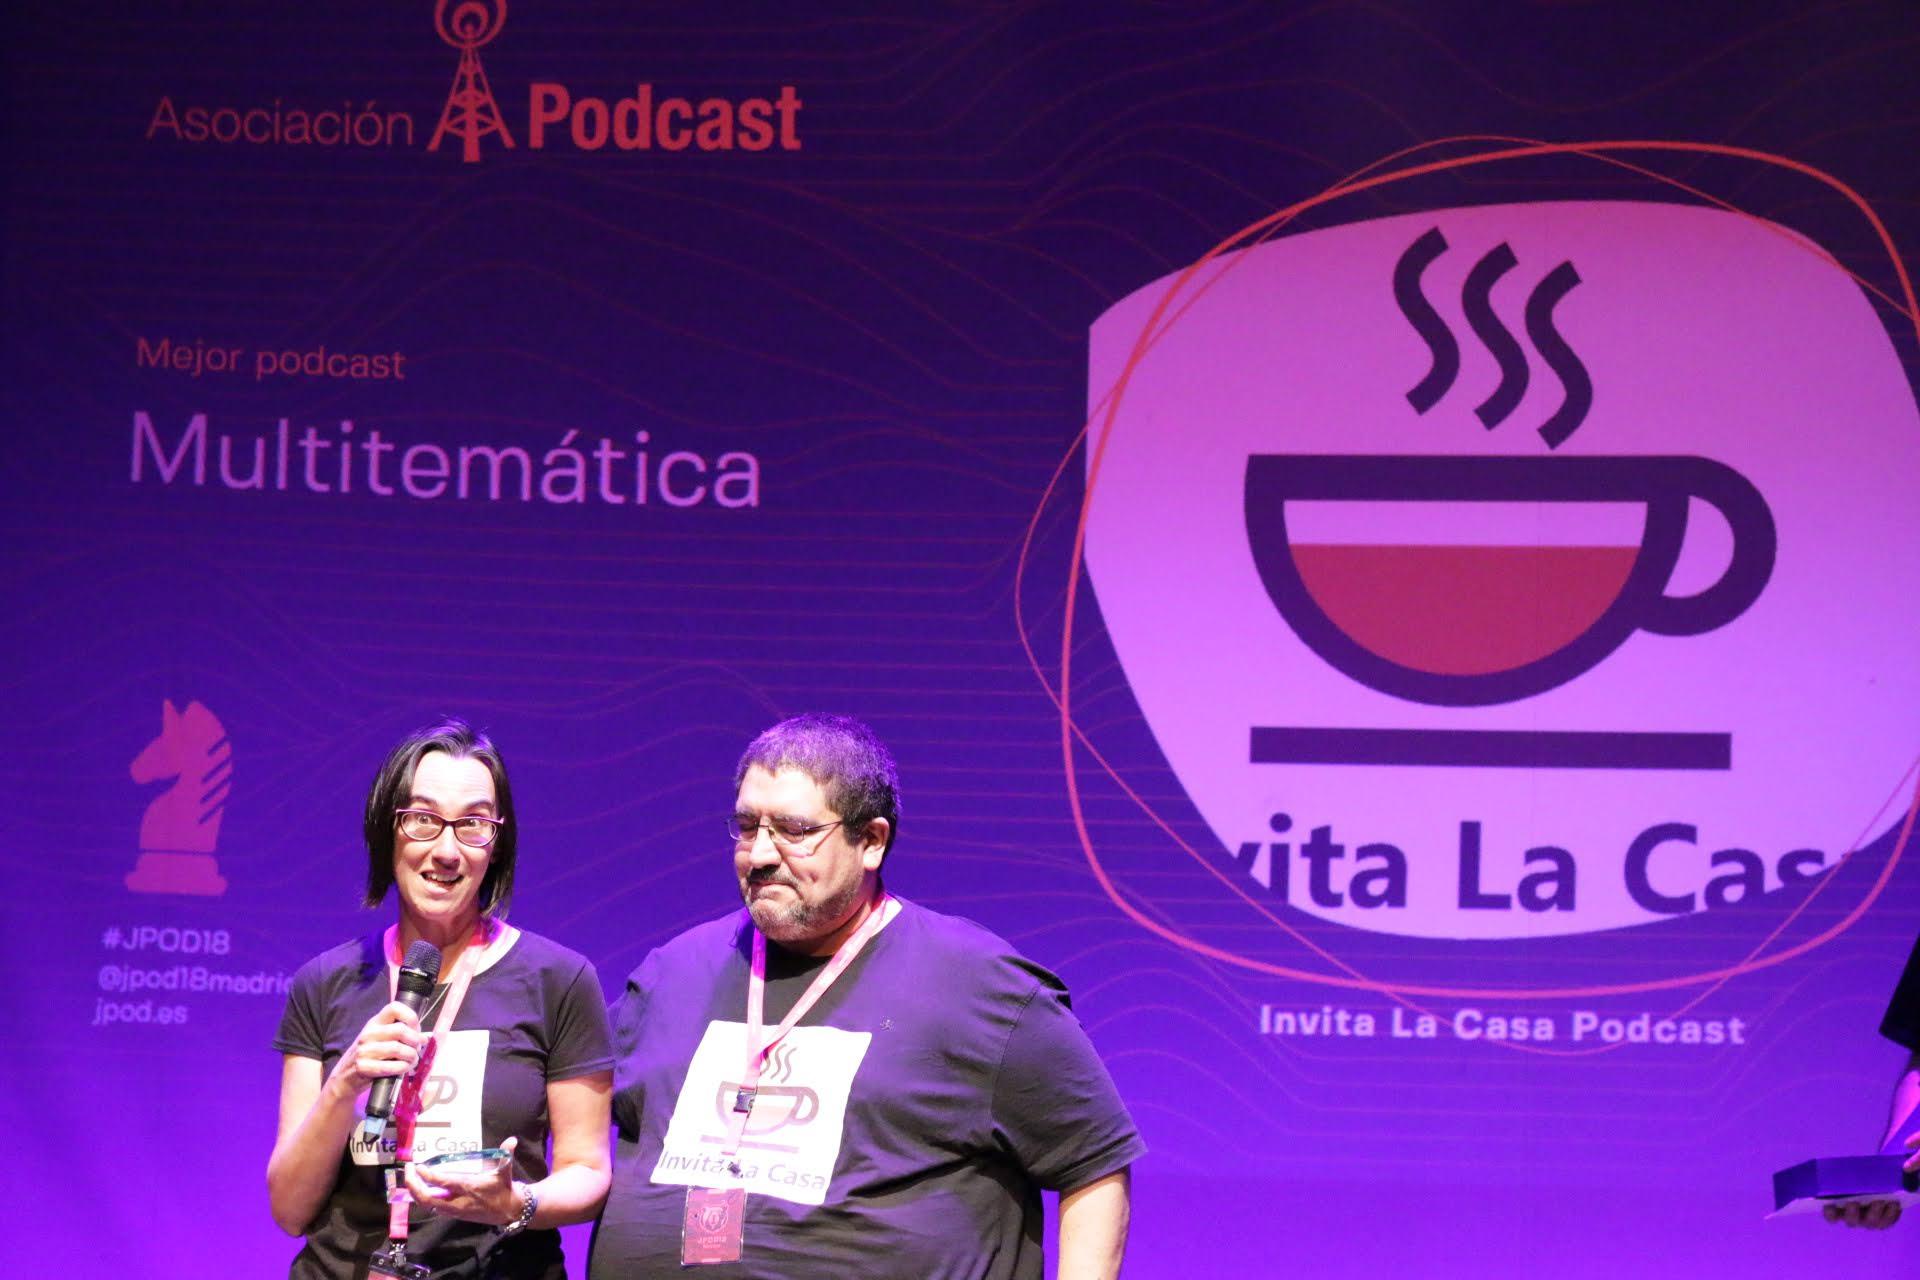 Foto: Patricia Torres - Invita la casa, ganadores del premio al Mejor Podcast Multitemática 2018 en la IX Edición de los premios de la Asociación Podcast.